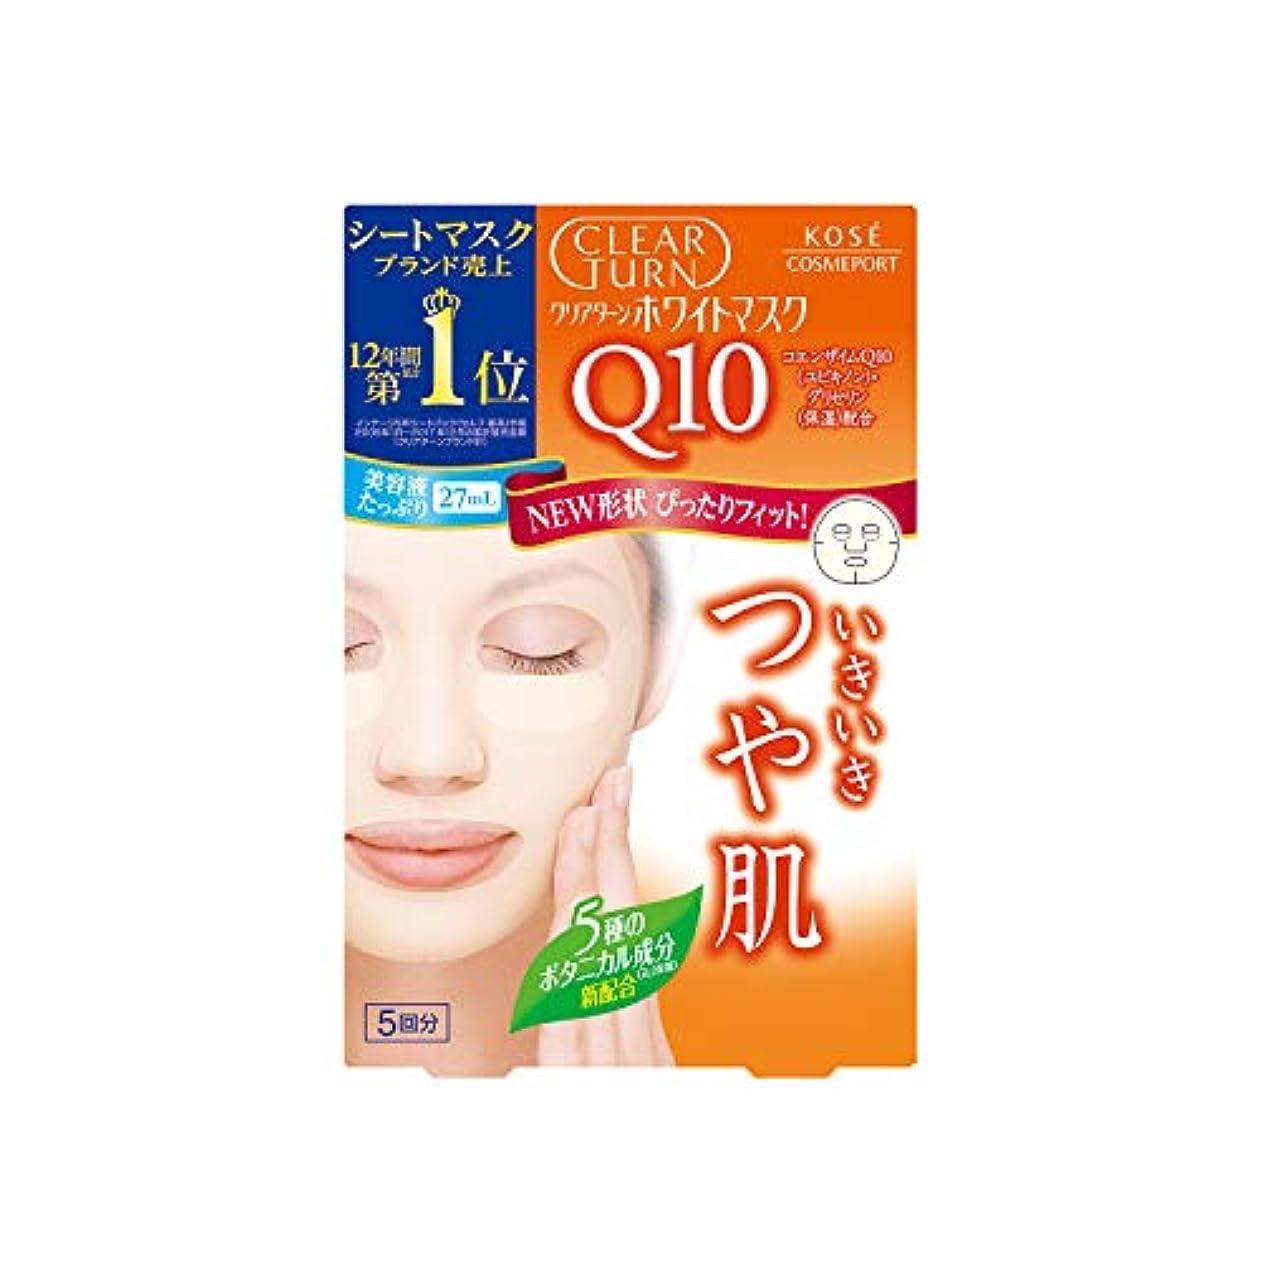 授業料謎めいたボットKOSE クリアターン ホワイト マスク Q10 c (コエンザイムQ10) 5回分 (22mL×5)